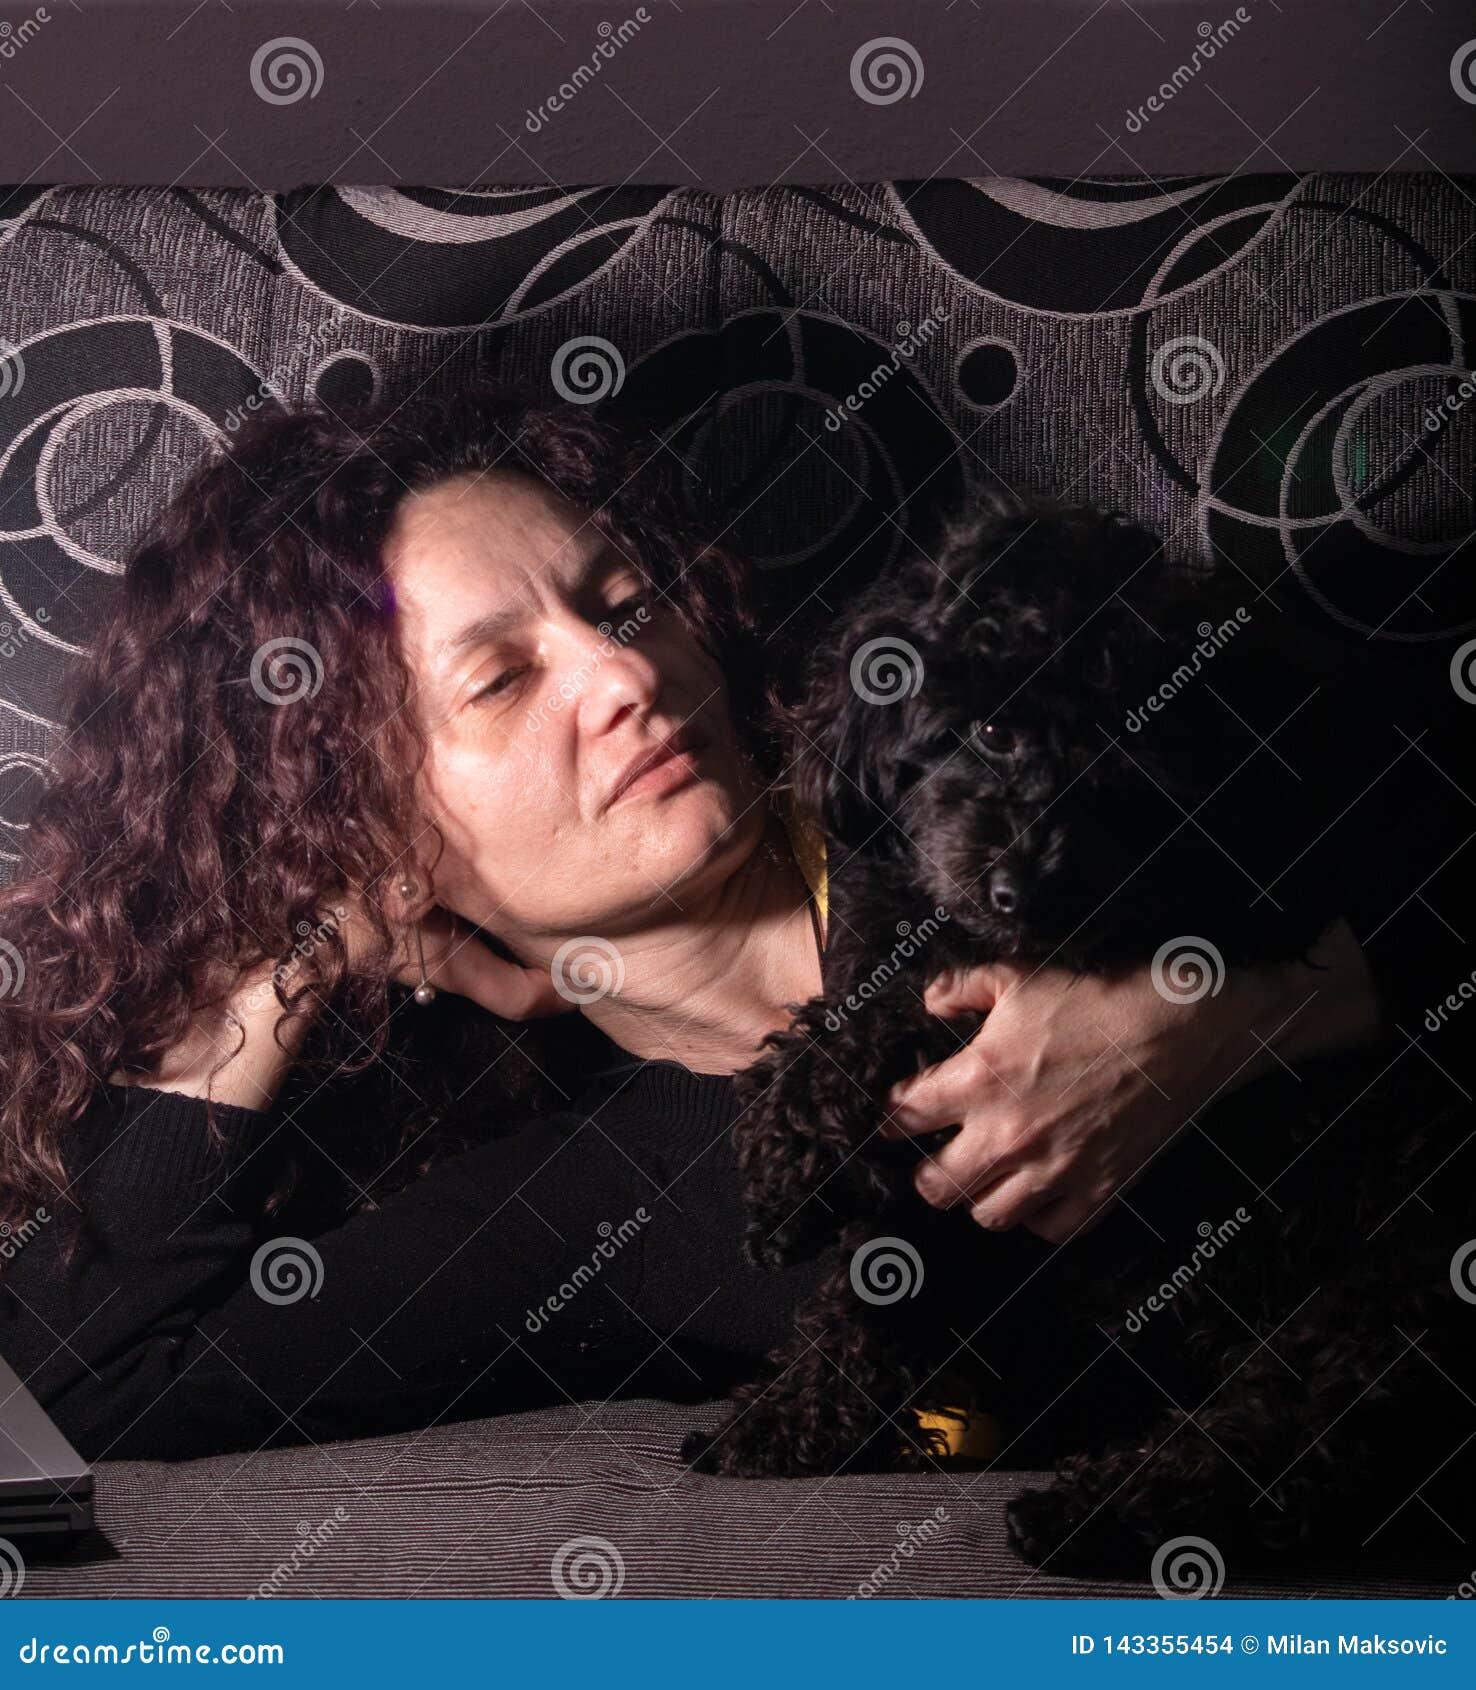 Junge Frau mit Zwergpudelhund auf einem Sofa in einer Dunkelkammer